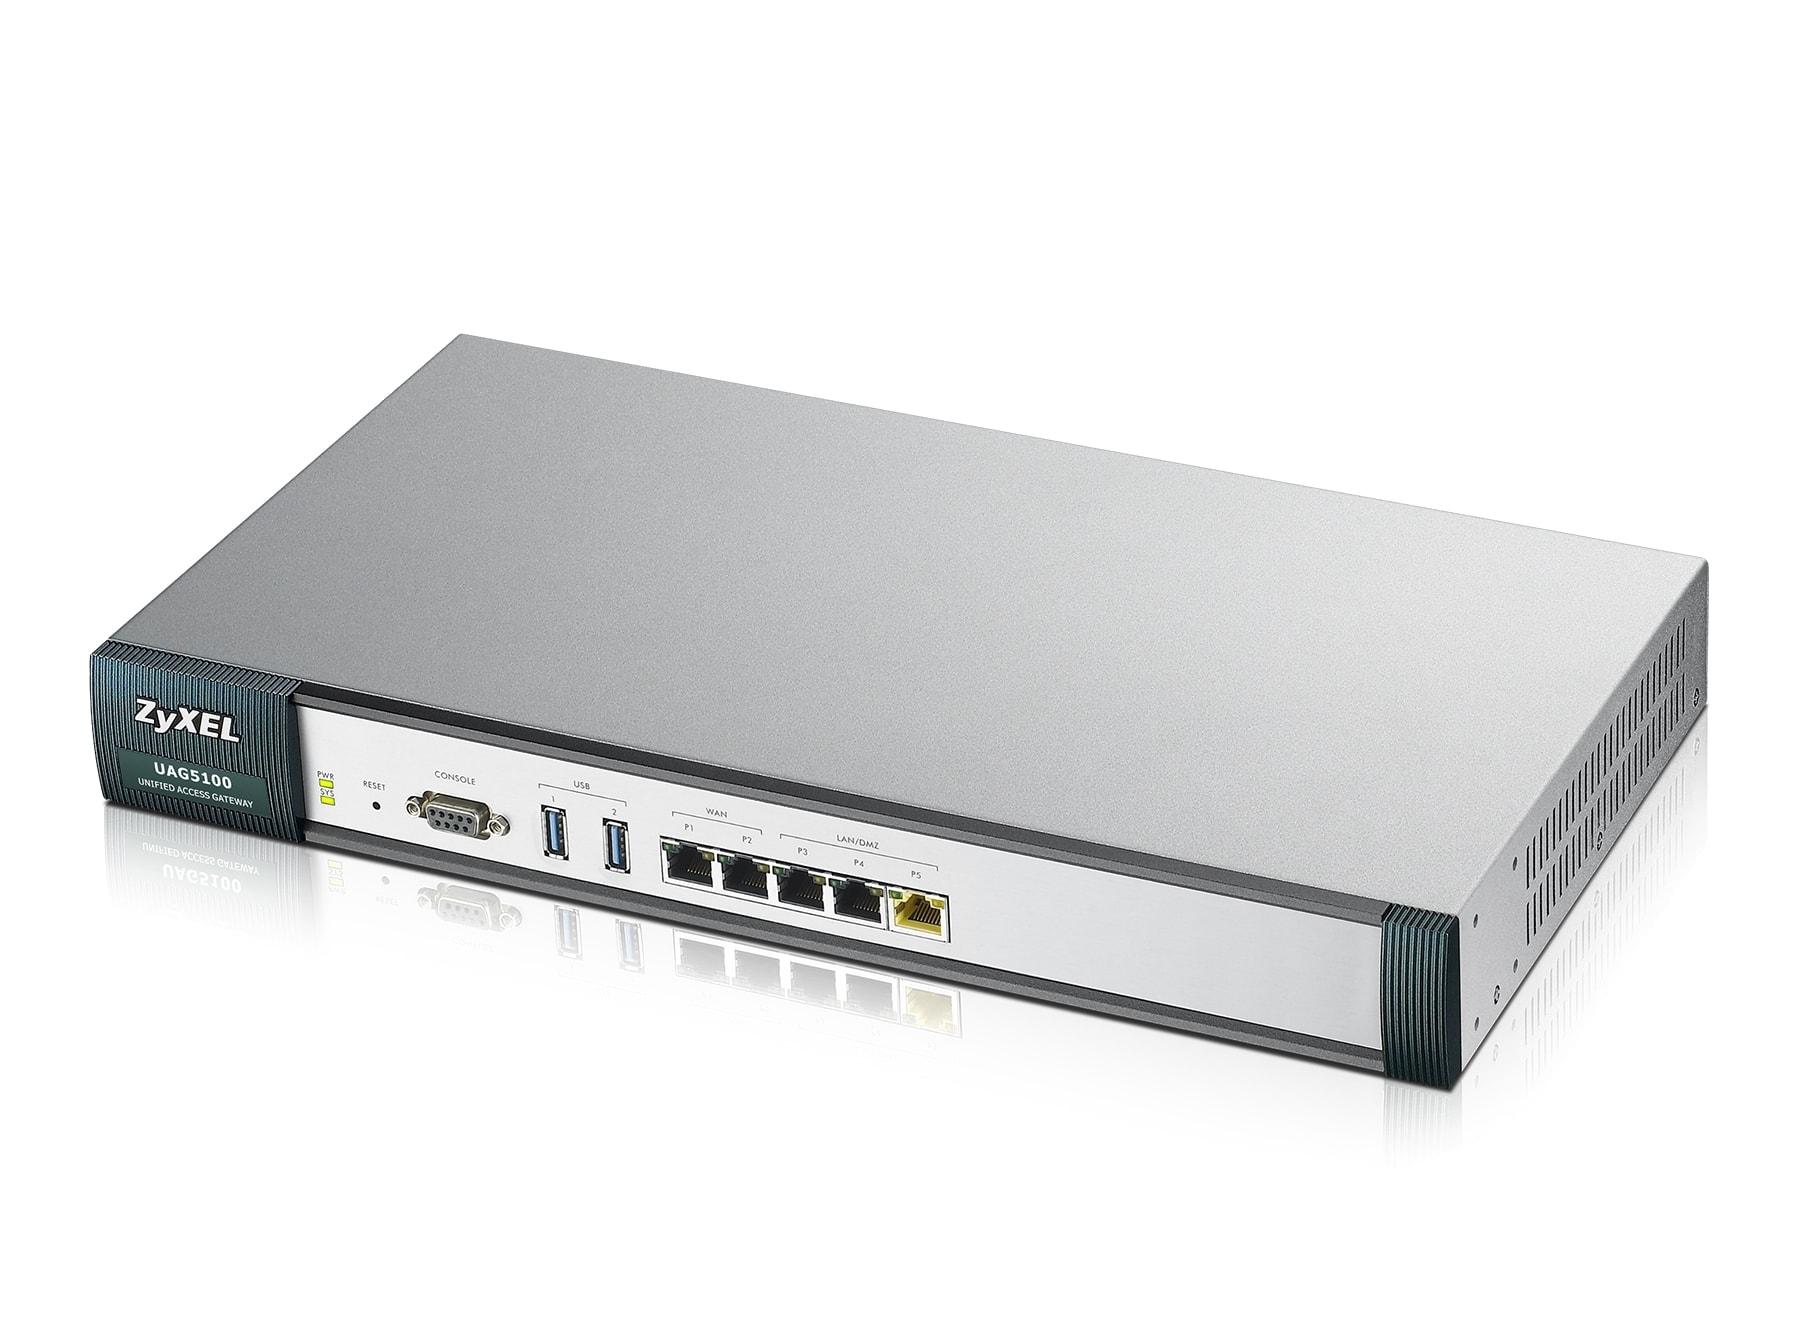 Zyxel UAG5100 - 3xRj45/2xWAN/WiFi 802.11n - Routeur Zyxel - 0